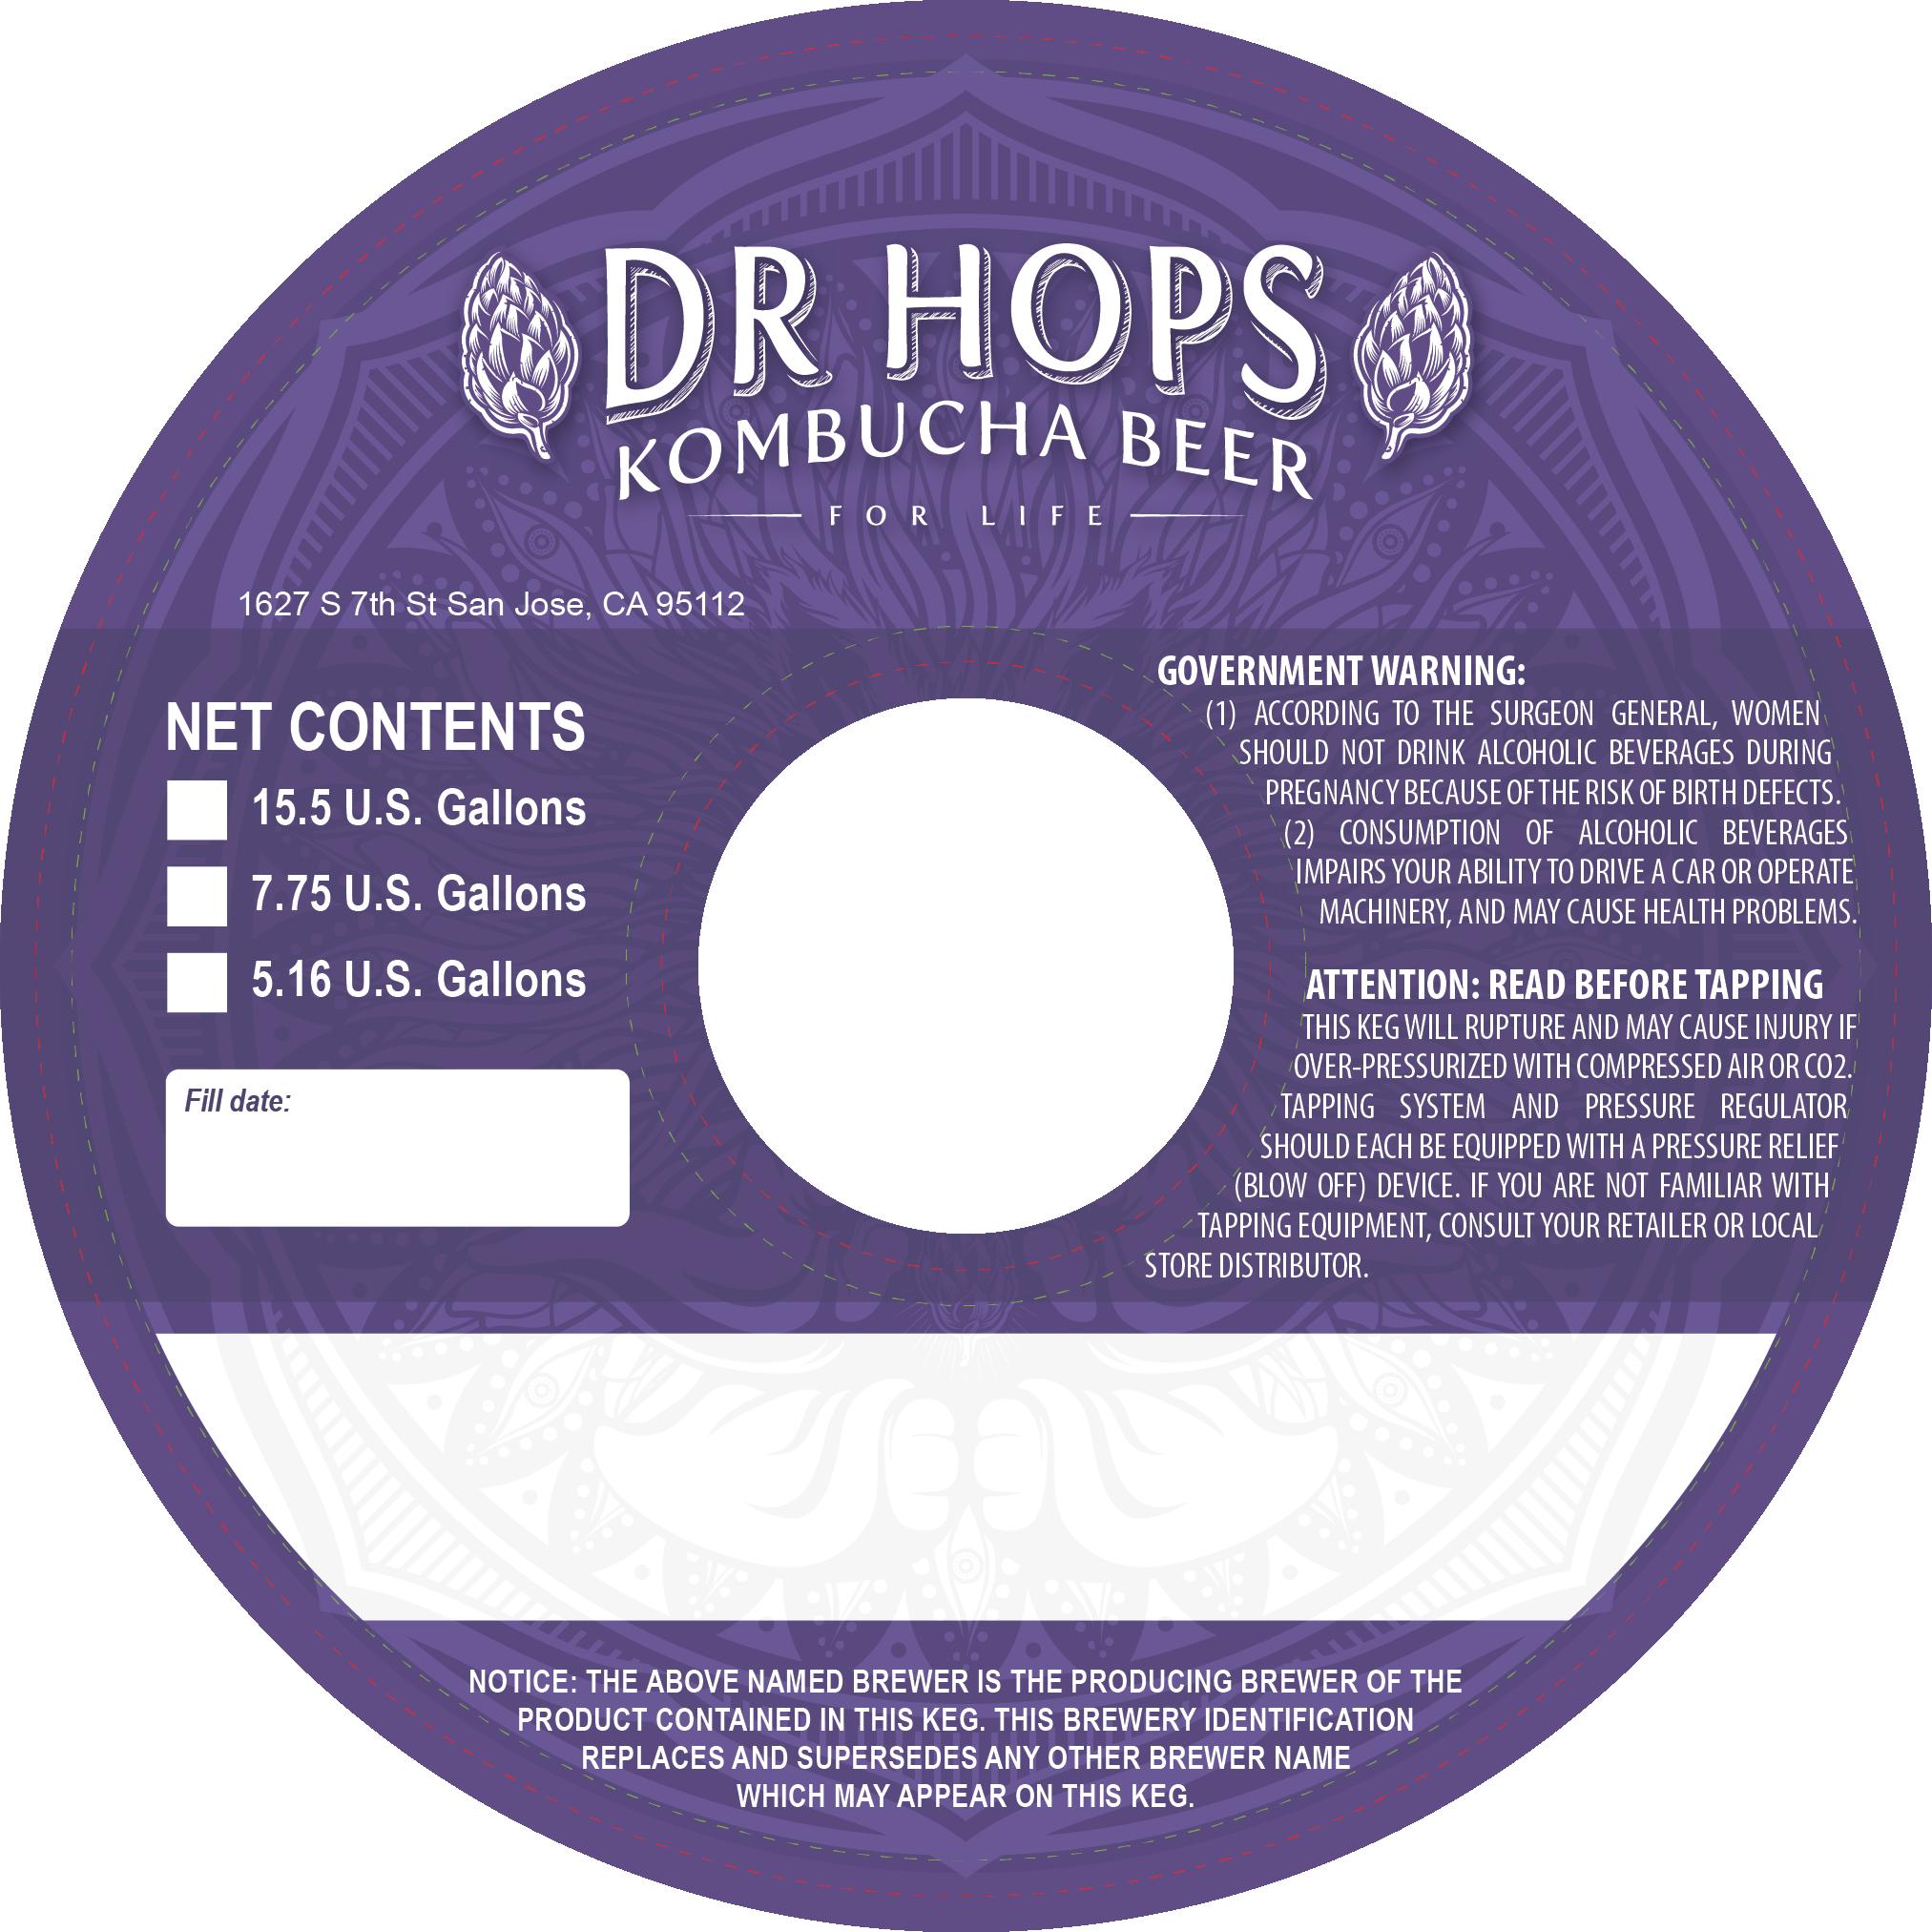 Dr Hops Kombucha Beer Label & Packaging